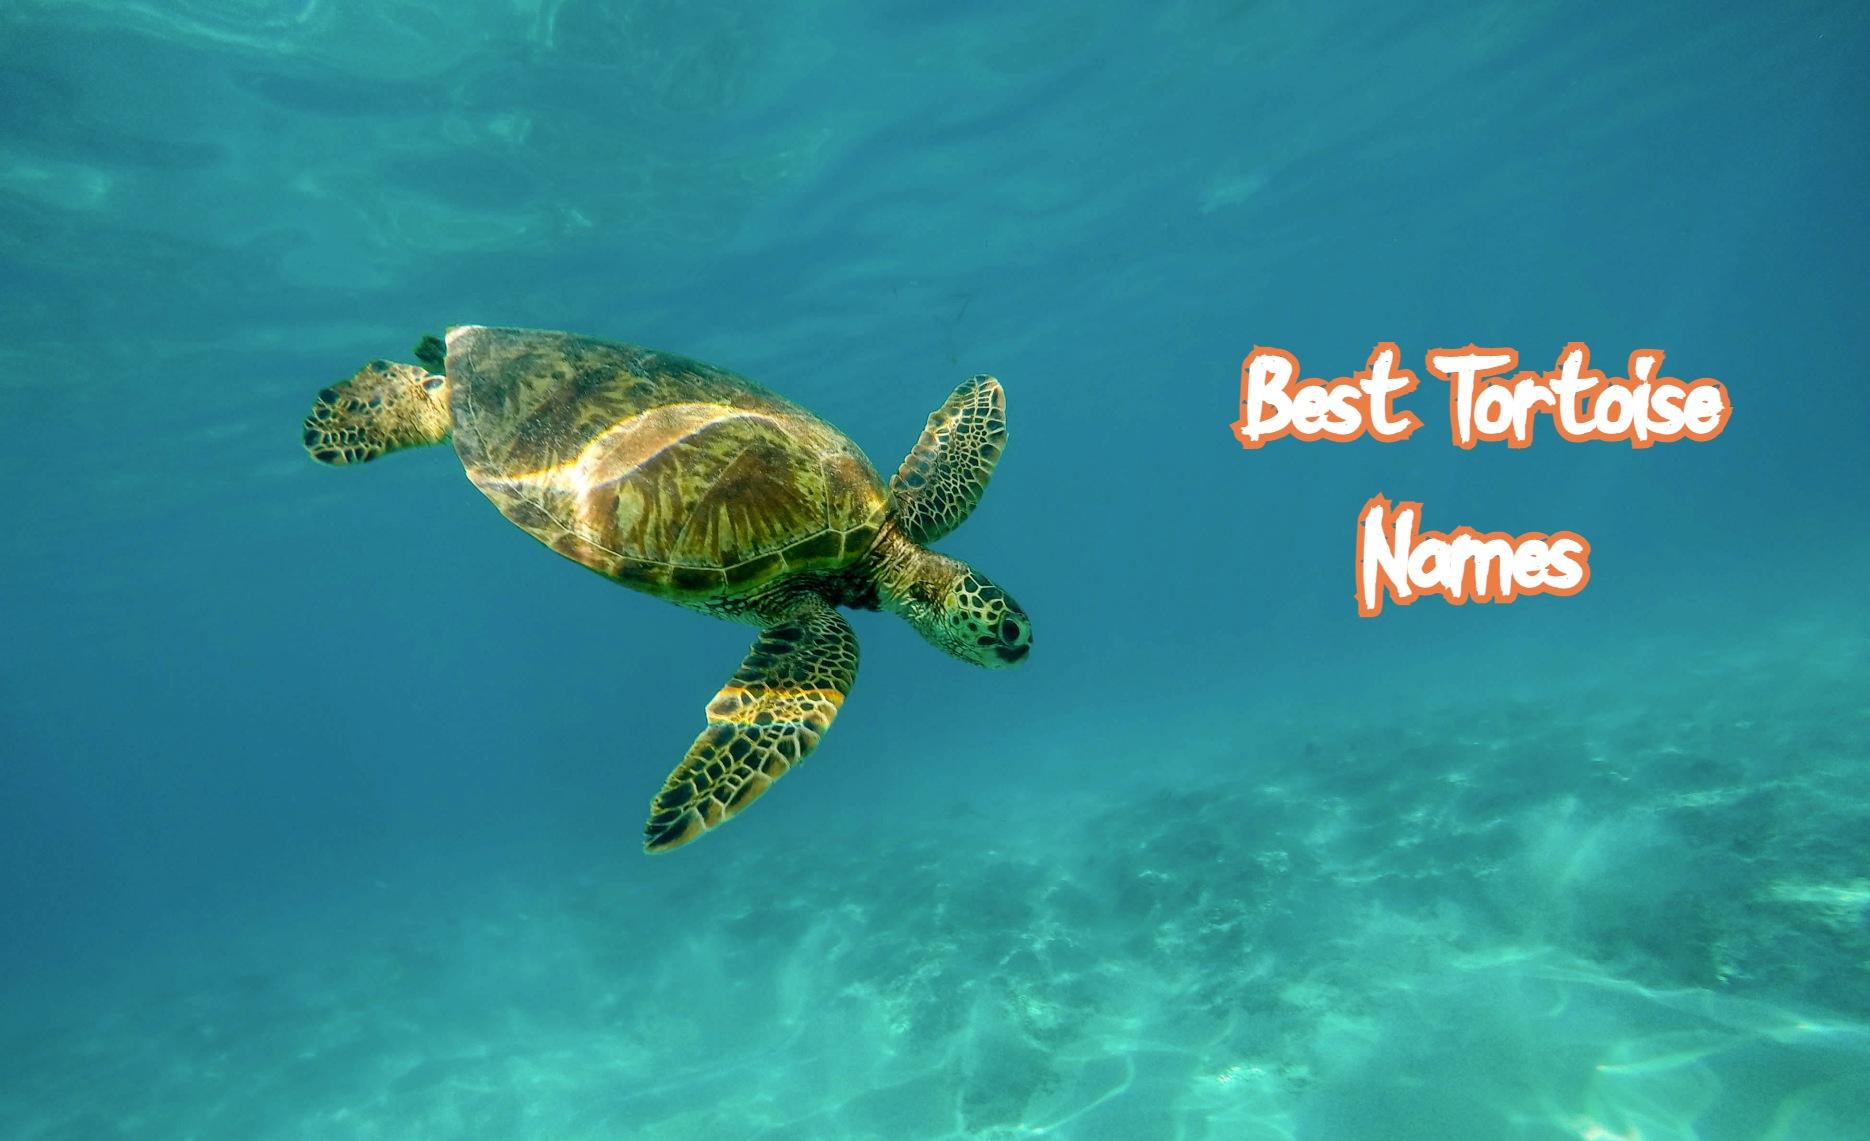 best-tortoise-names